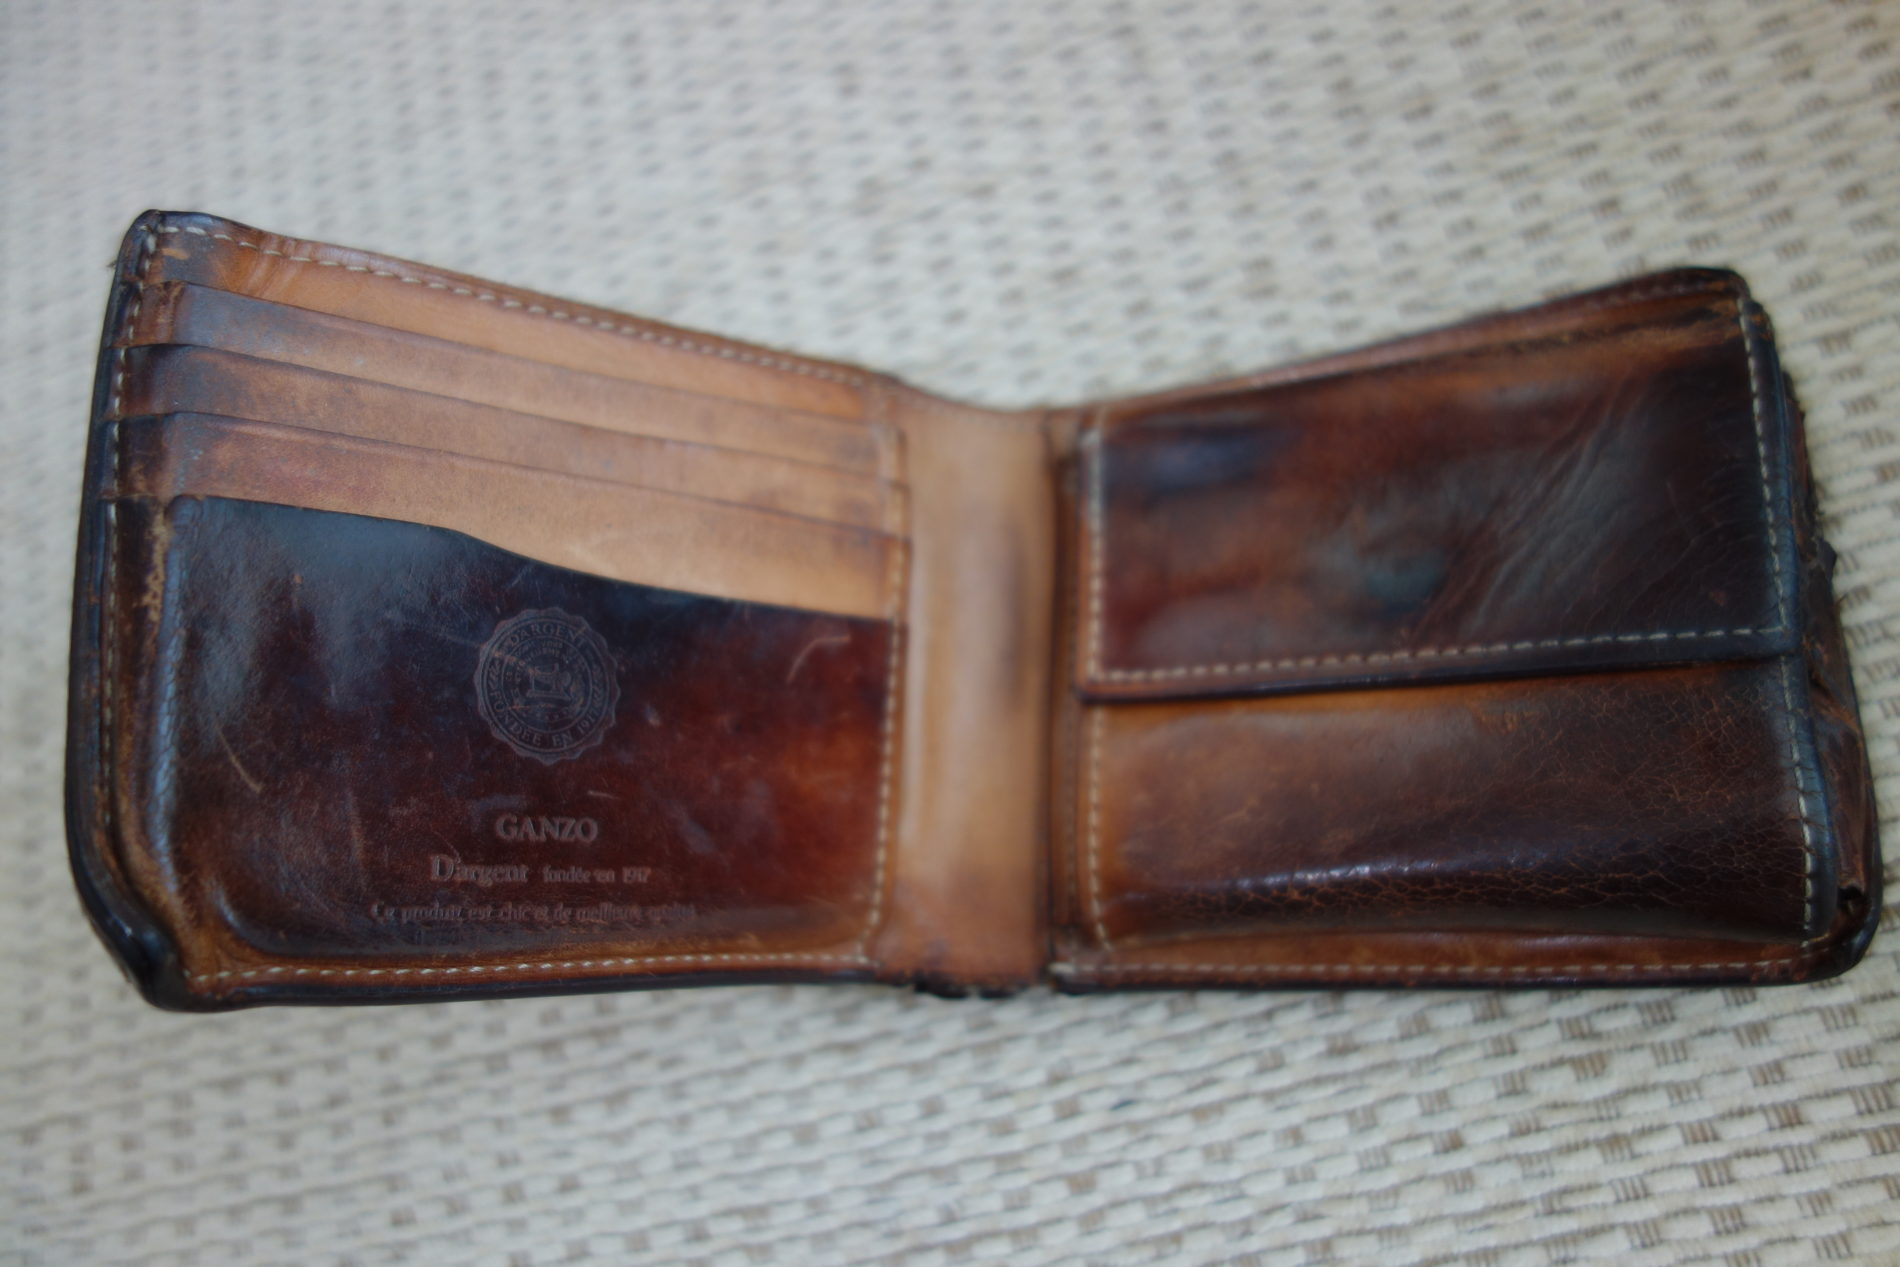 GANZO,2つ折り財布,コードバン,16年,エイジング